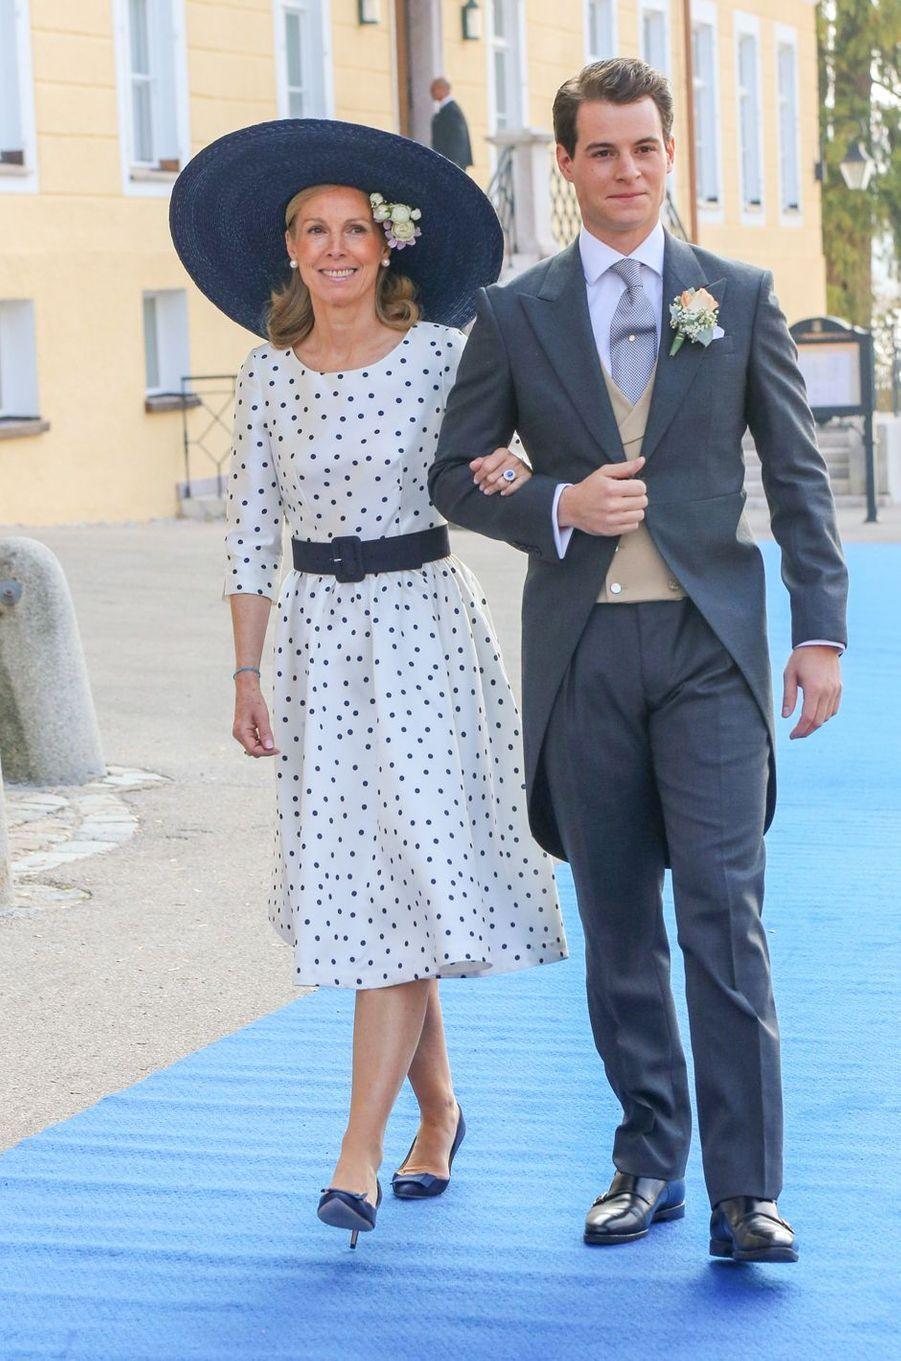 Le comte Maximilien d'Andigné, au bras de sa mère, à Tegernsee le 20 octobre 2018